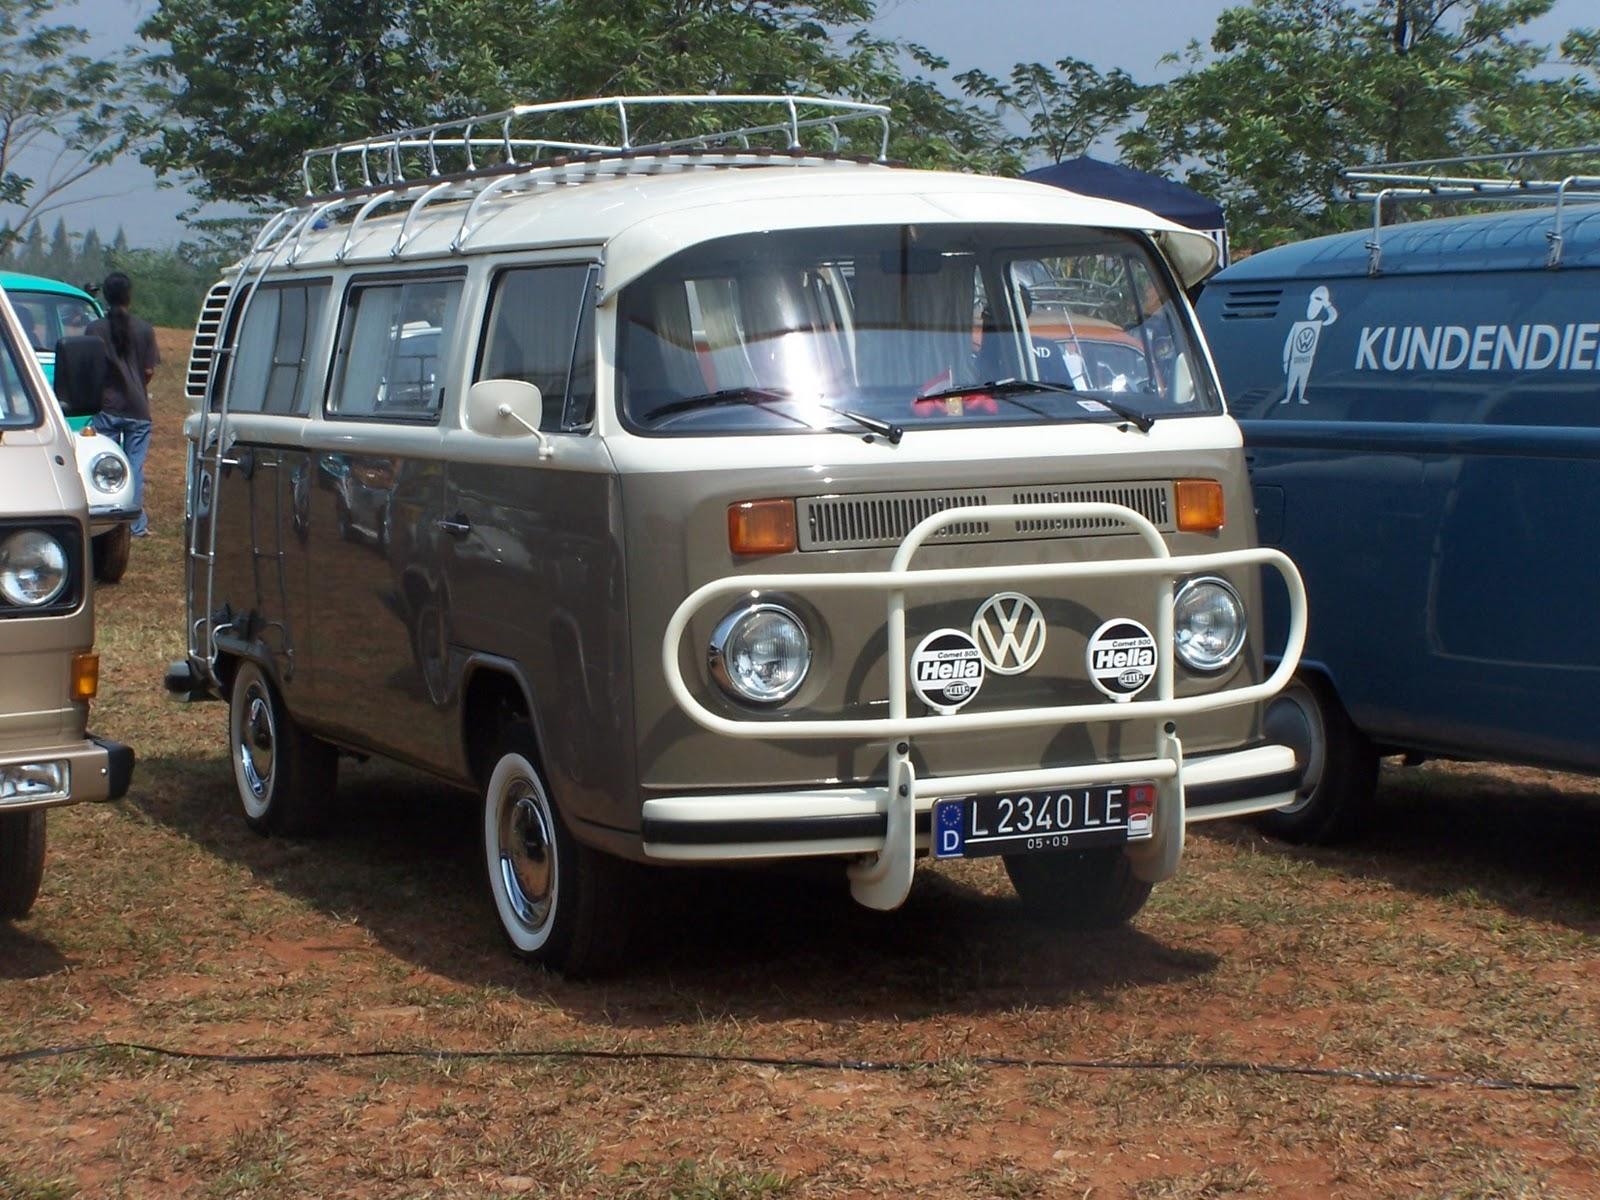 vintage volkswagen indonesia volkswagen type 2 bus transporter kombi van early bay window. Black Bedroom Furniture Sets. Home Design Ideas